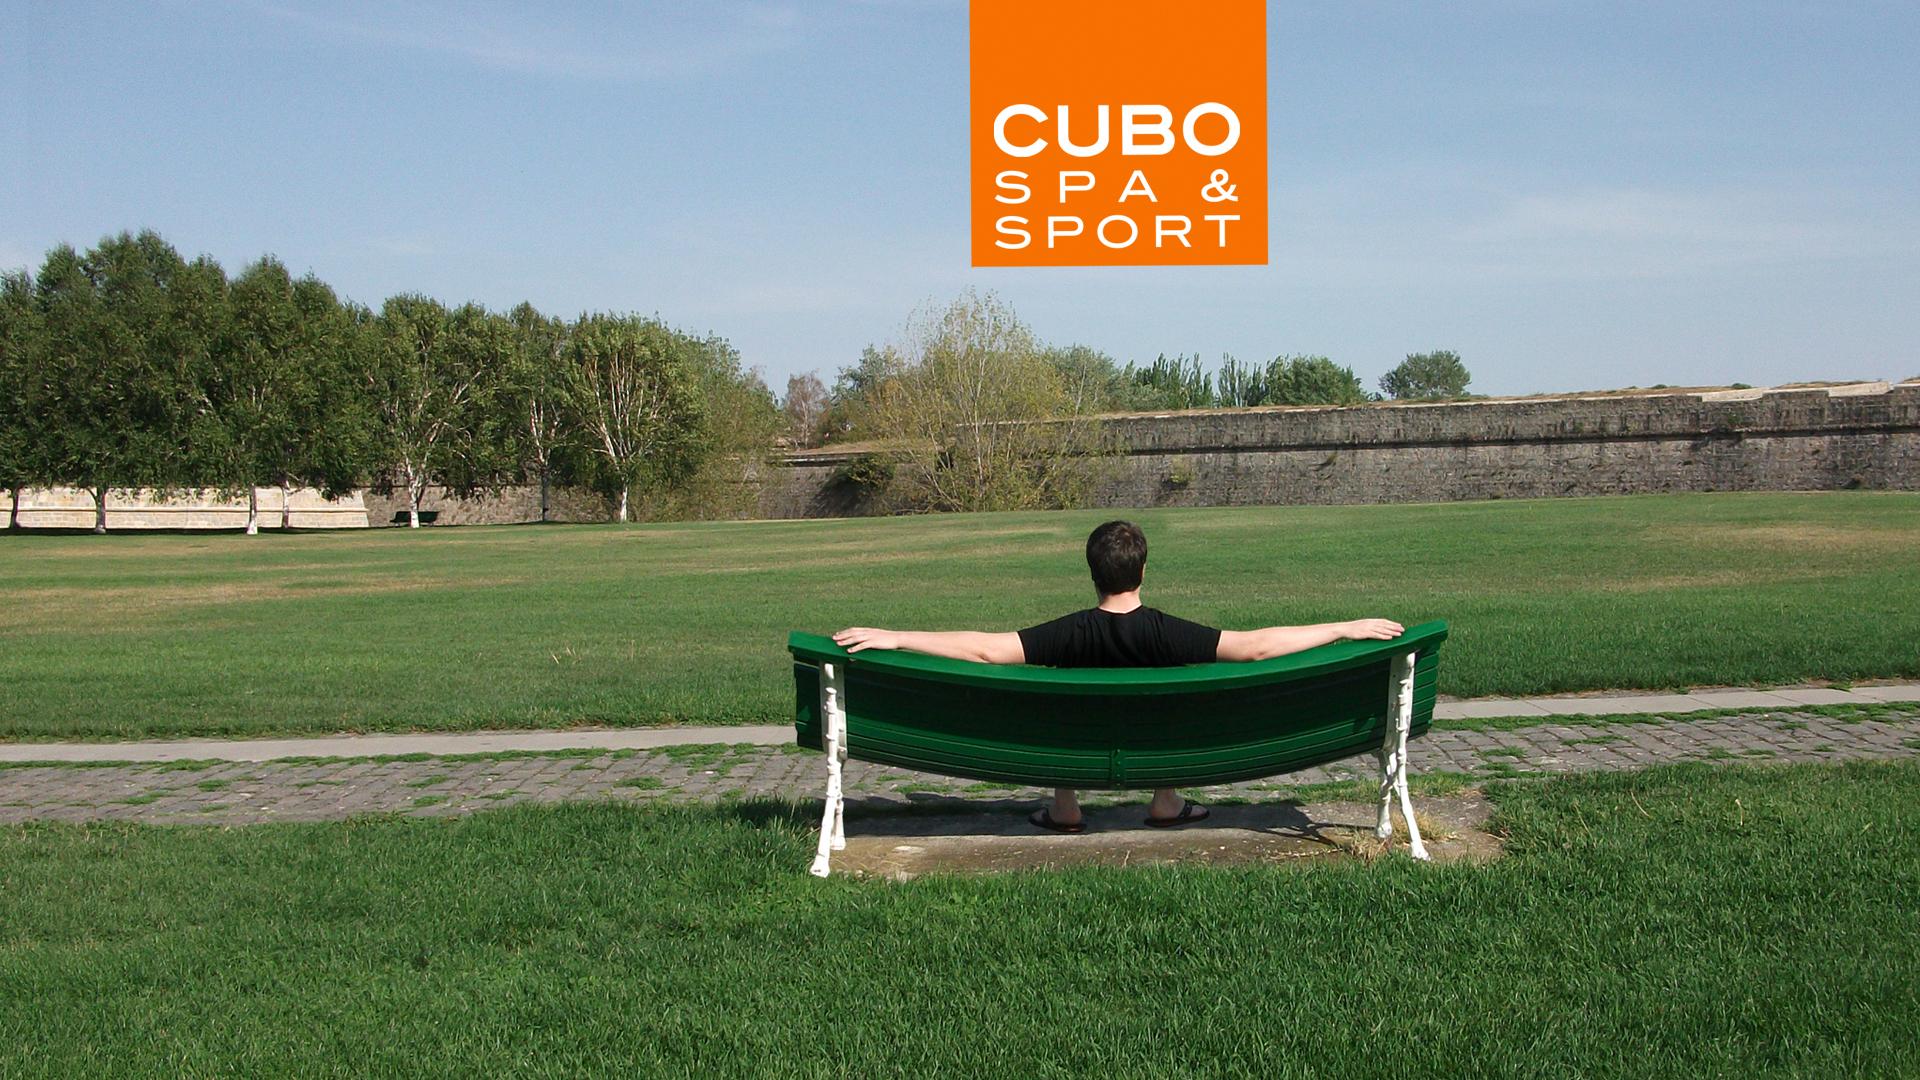 Campaña de publicidad para el Cubo Spa&Sport